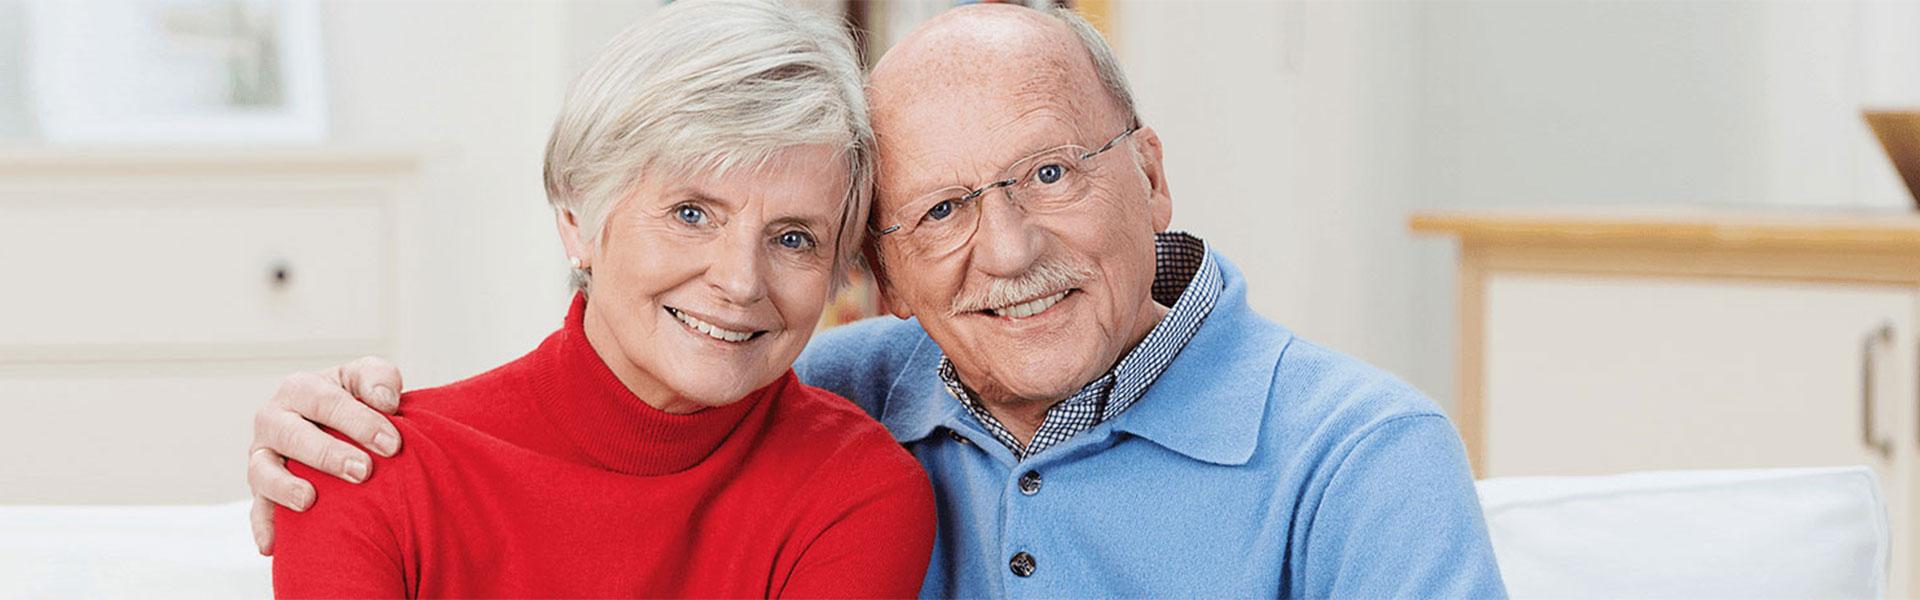 Header Bild Top-Angebote für Senioren